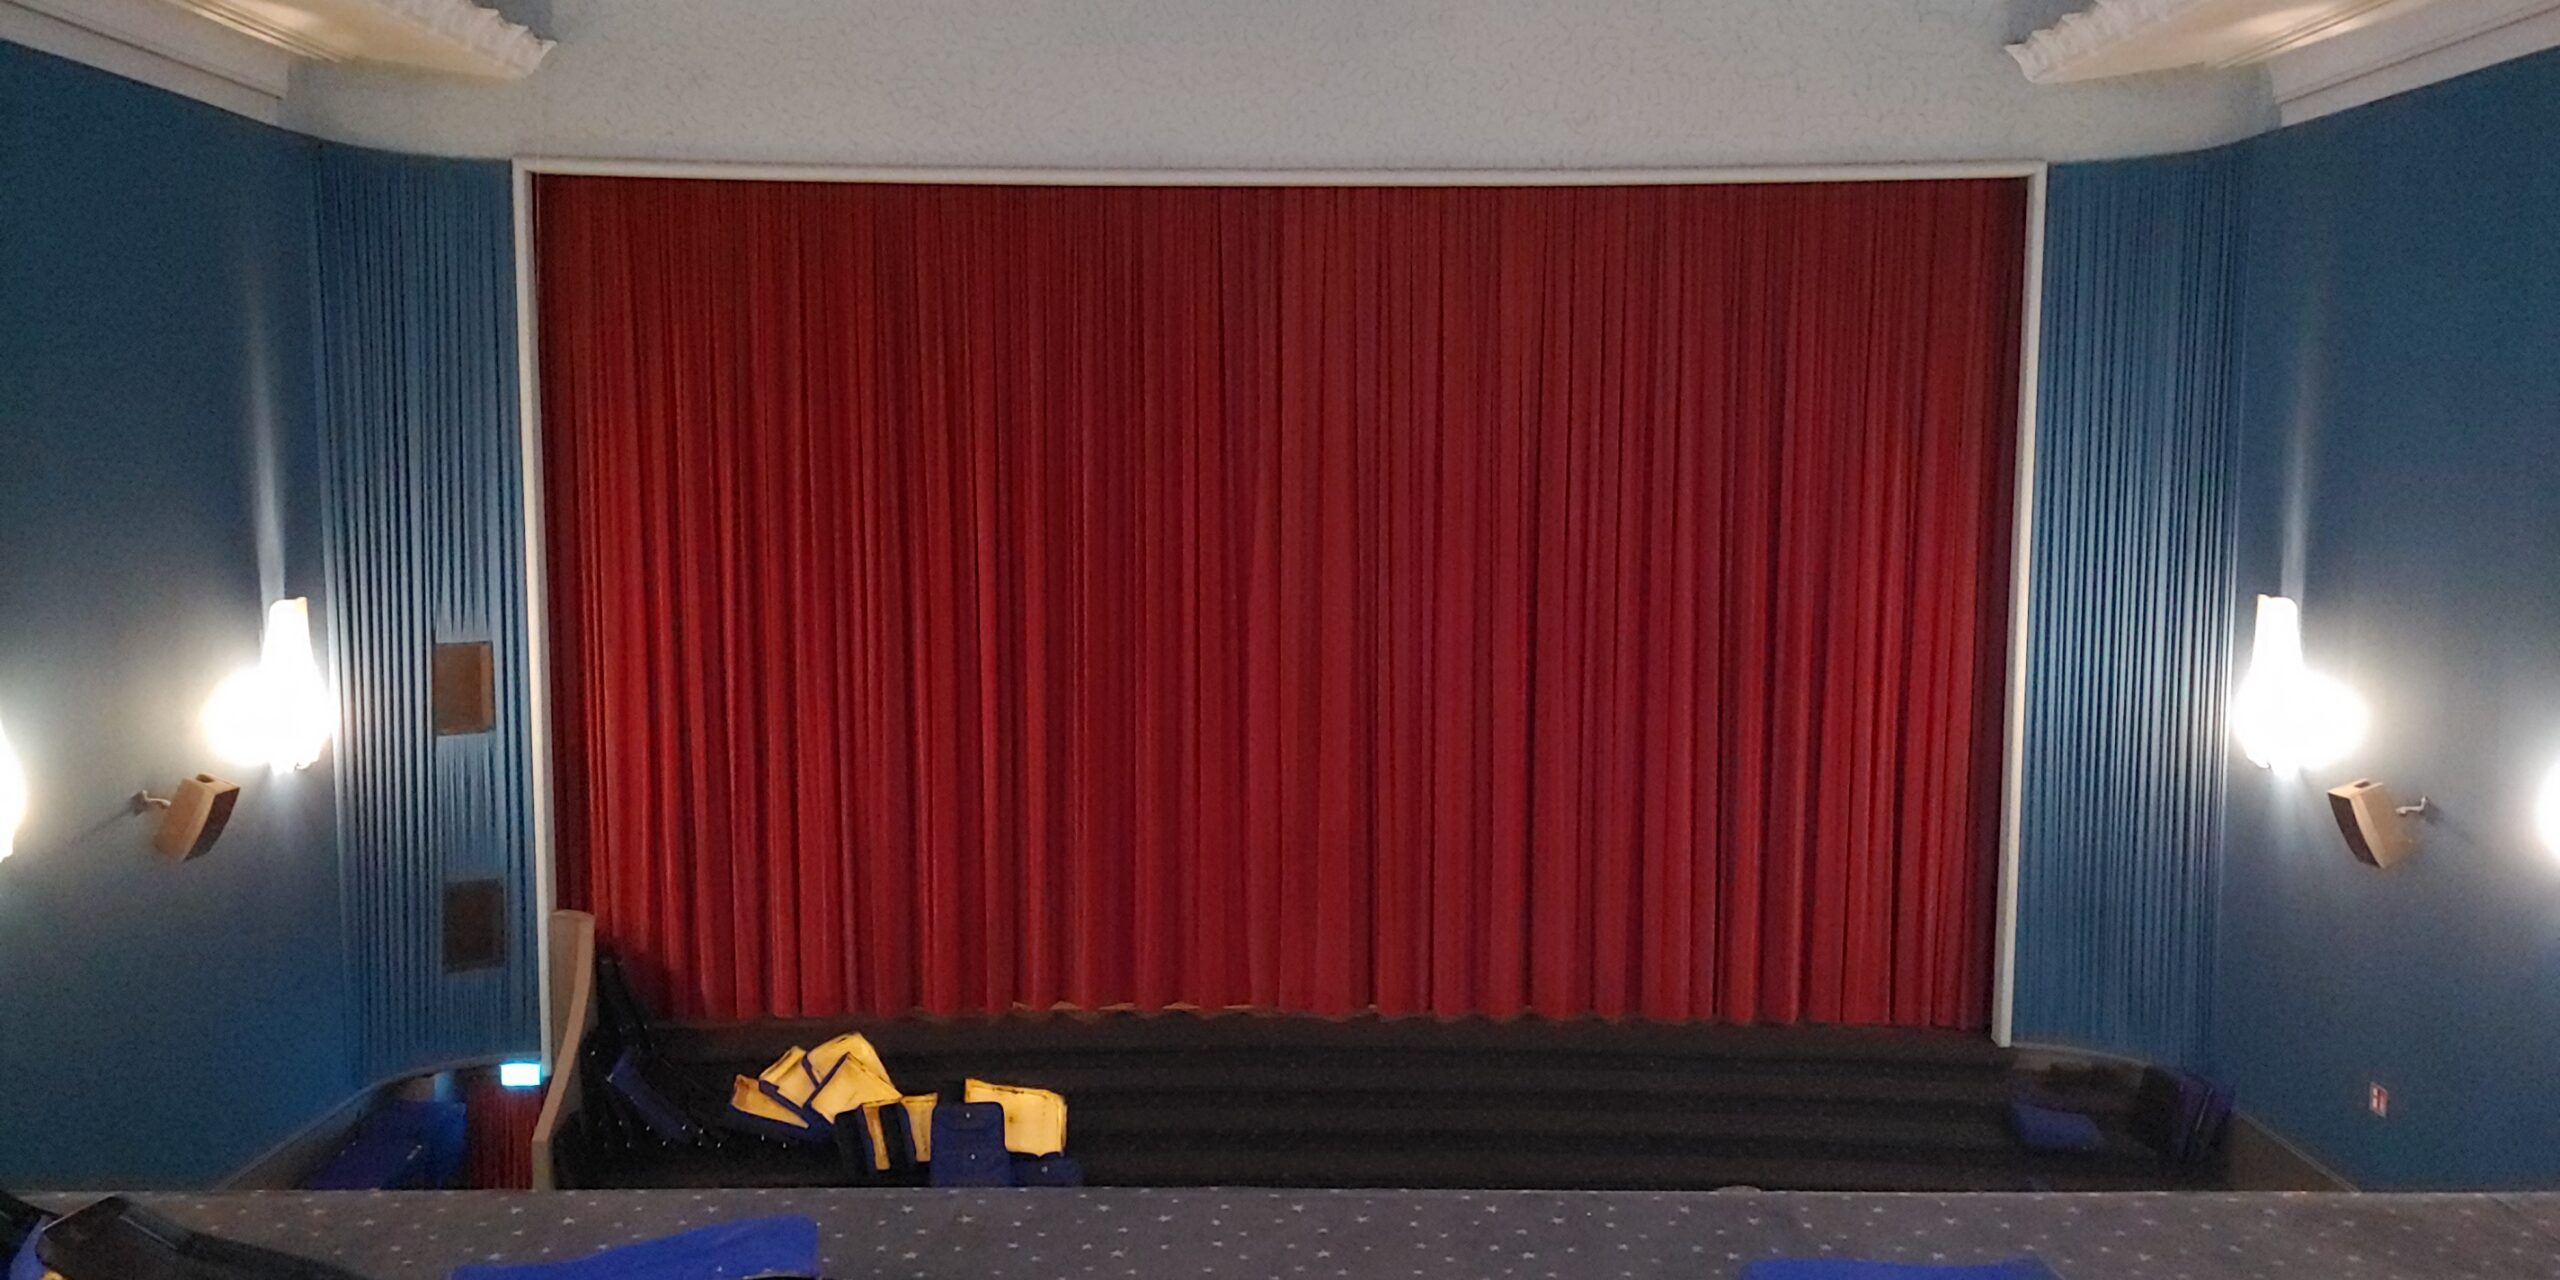 Kinovorhang